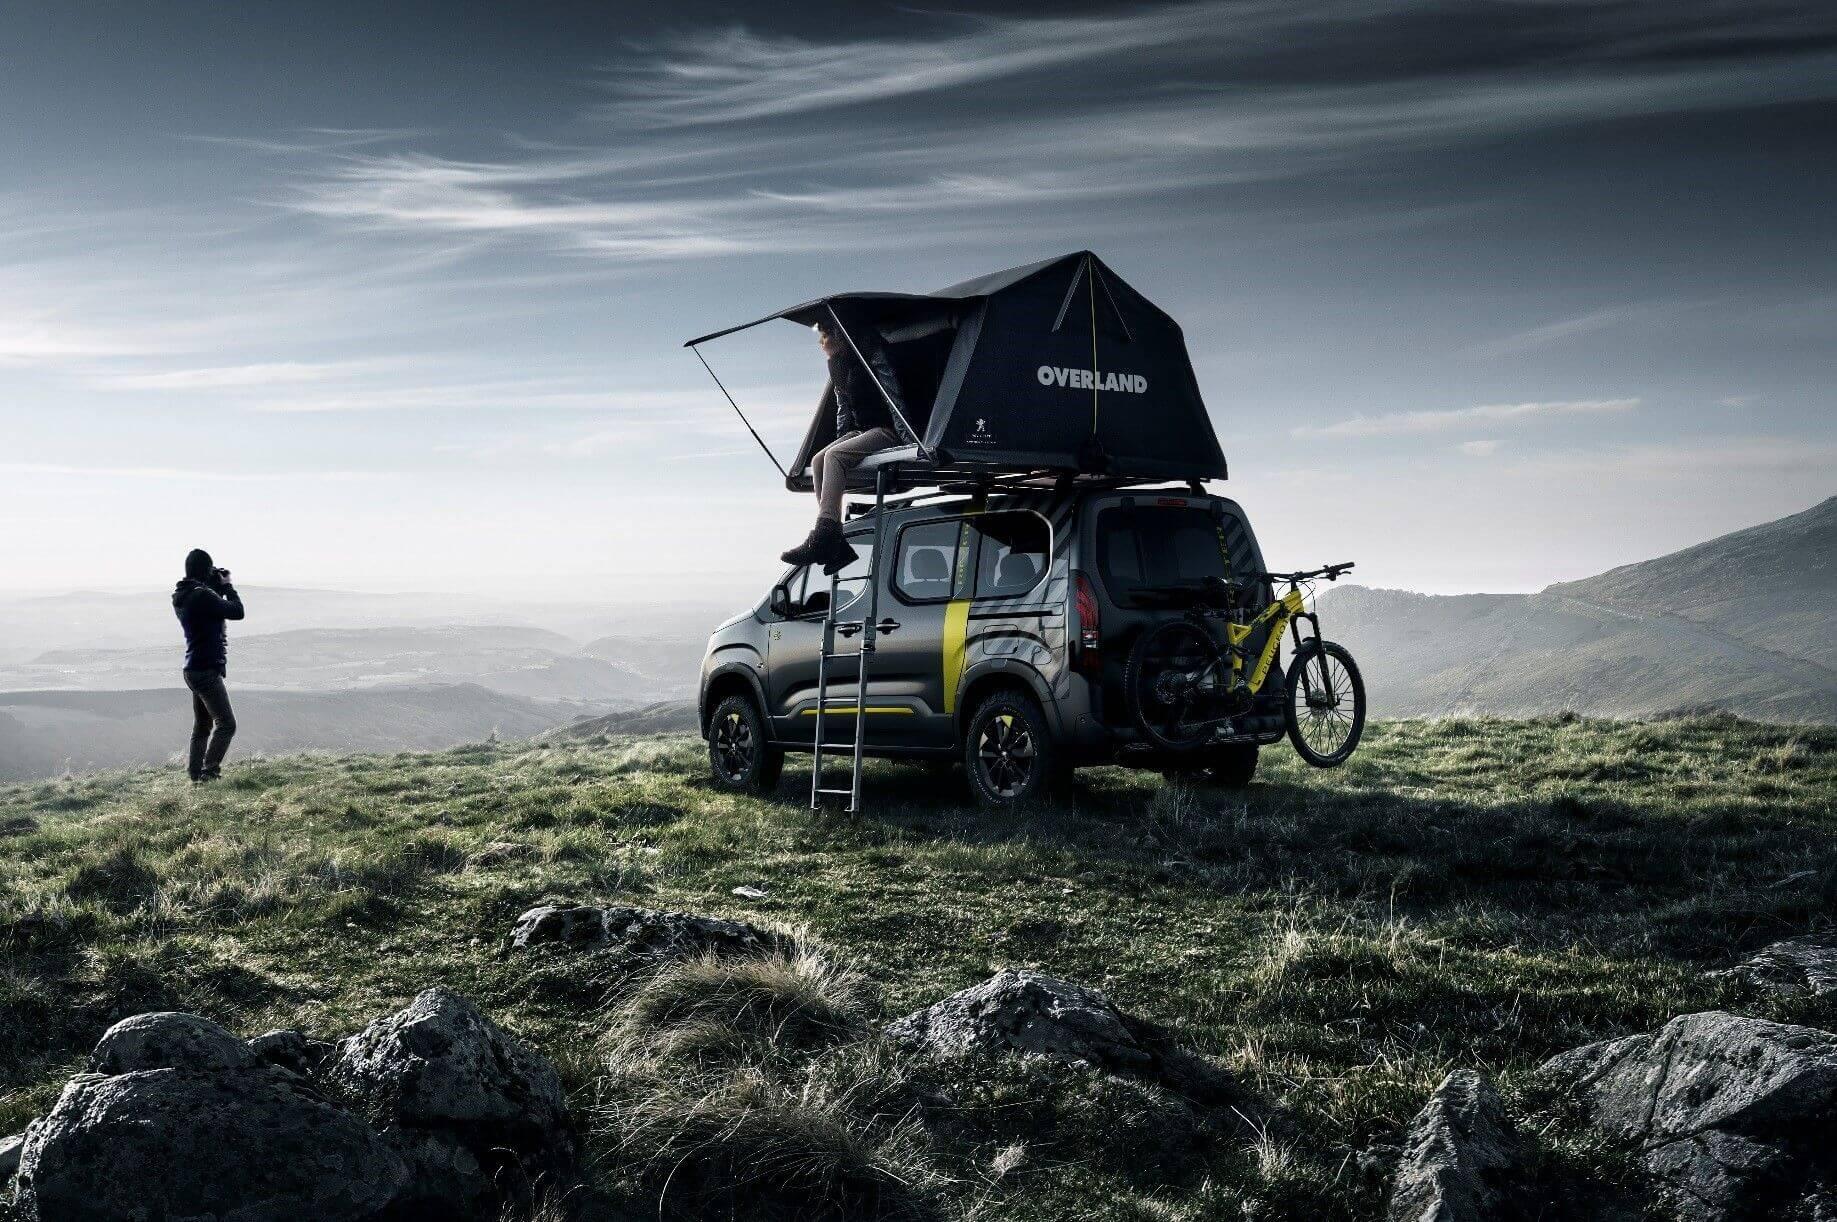 Peugeot Rifter 4x4 Concept: Equipado con tienda de campaña y bicicleta todoterreno